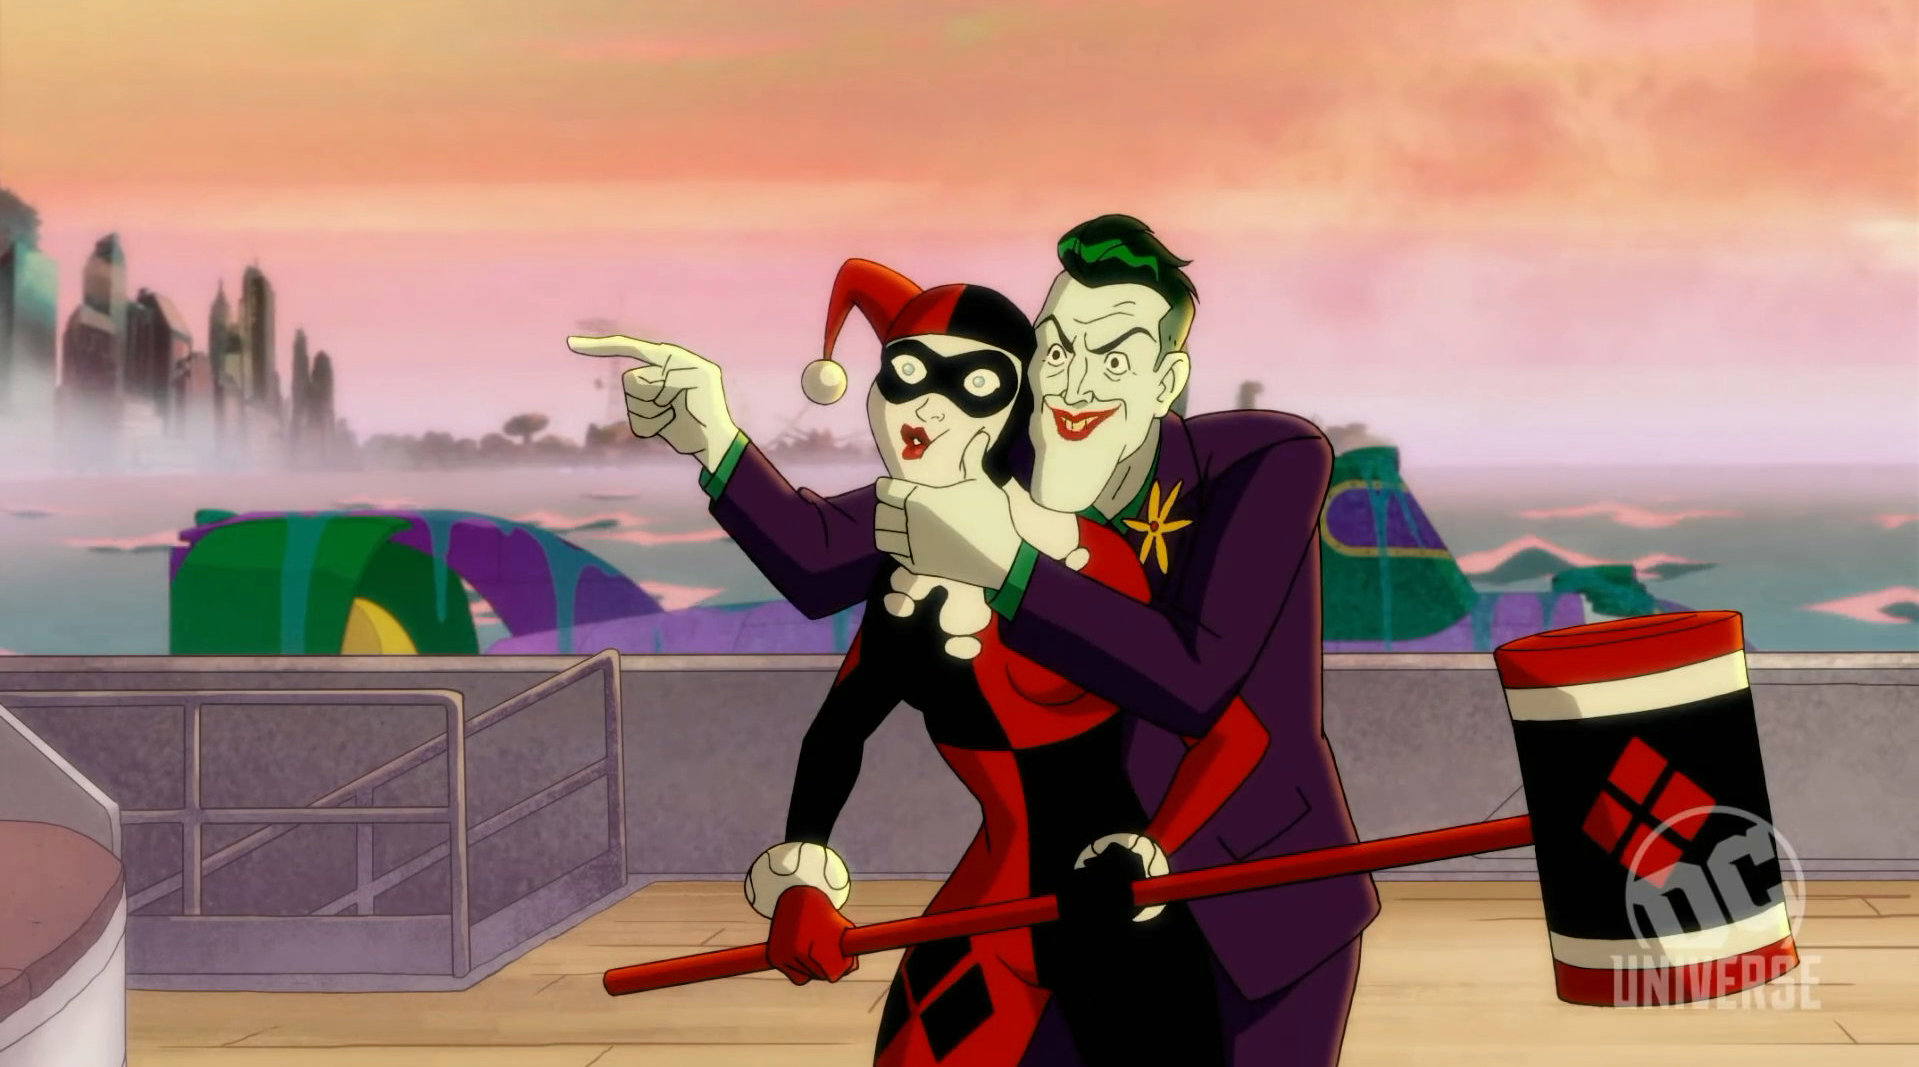 DC宇宙成人喜剧动画片《哈莉·奎茵》第二季开播时间确定——4月3日开